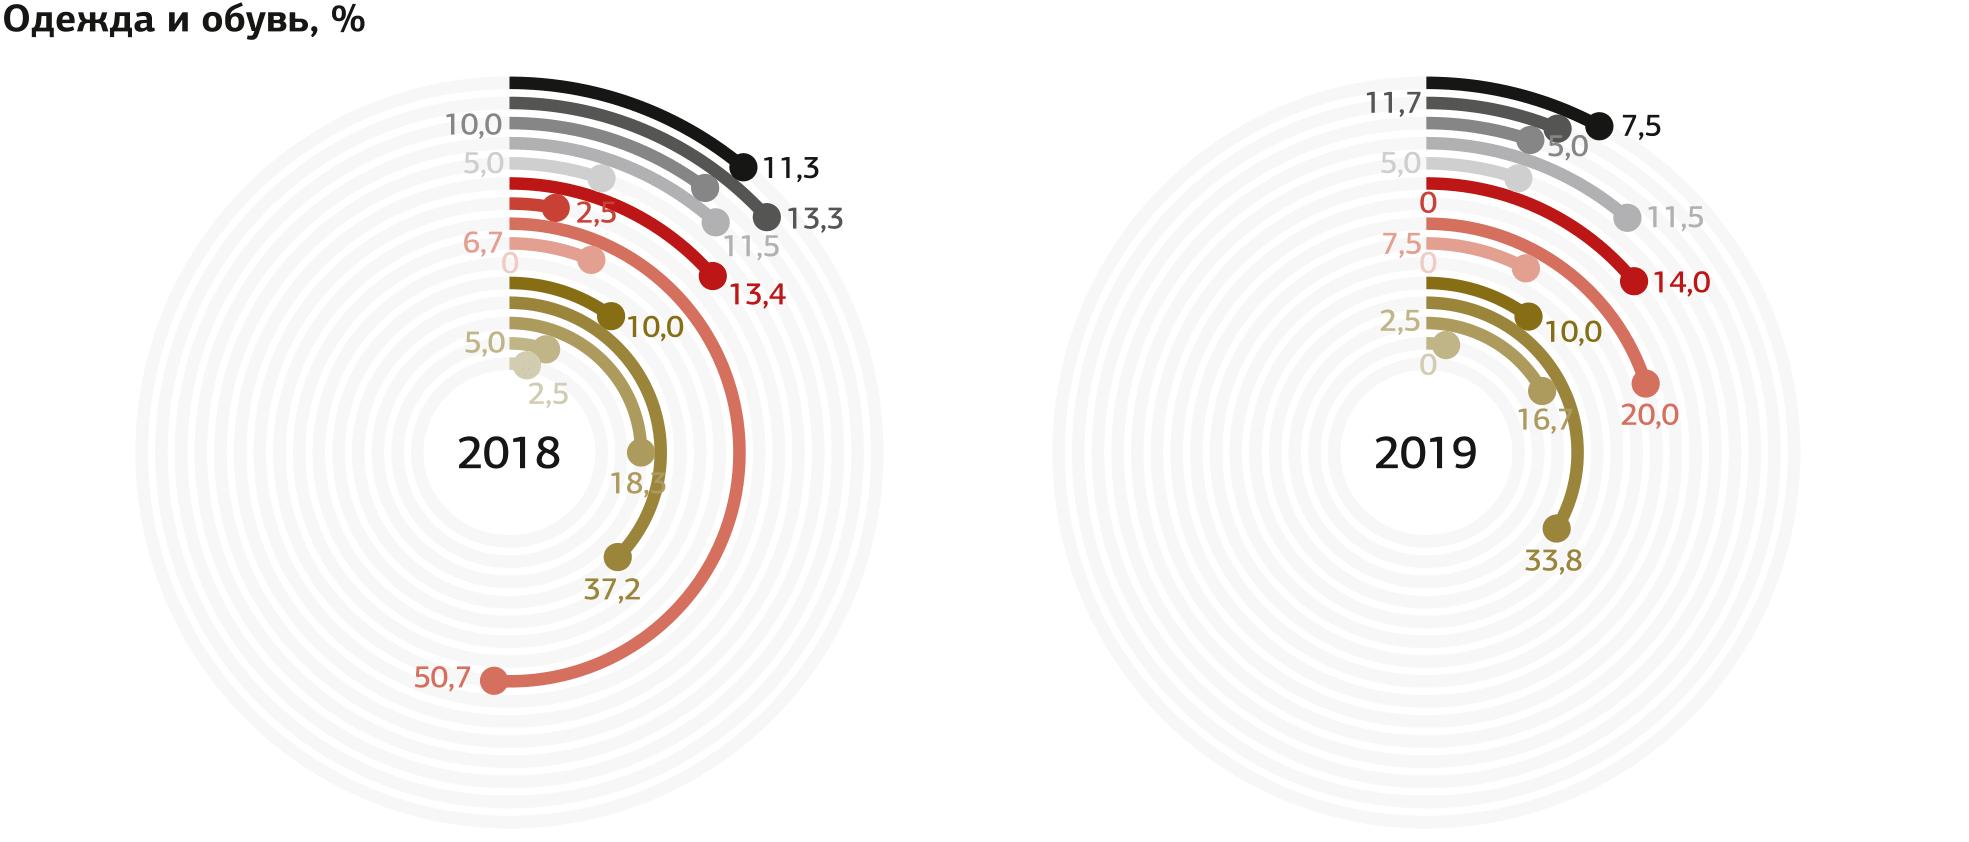 Индекс маркетинговых настроений 2018/2019 Inf_web-29